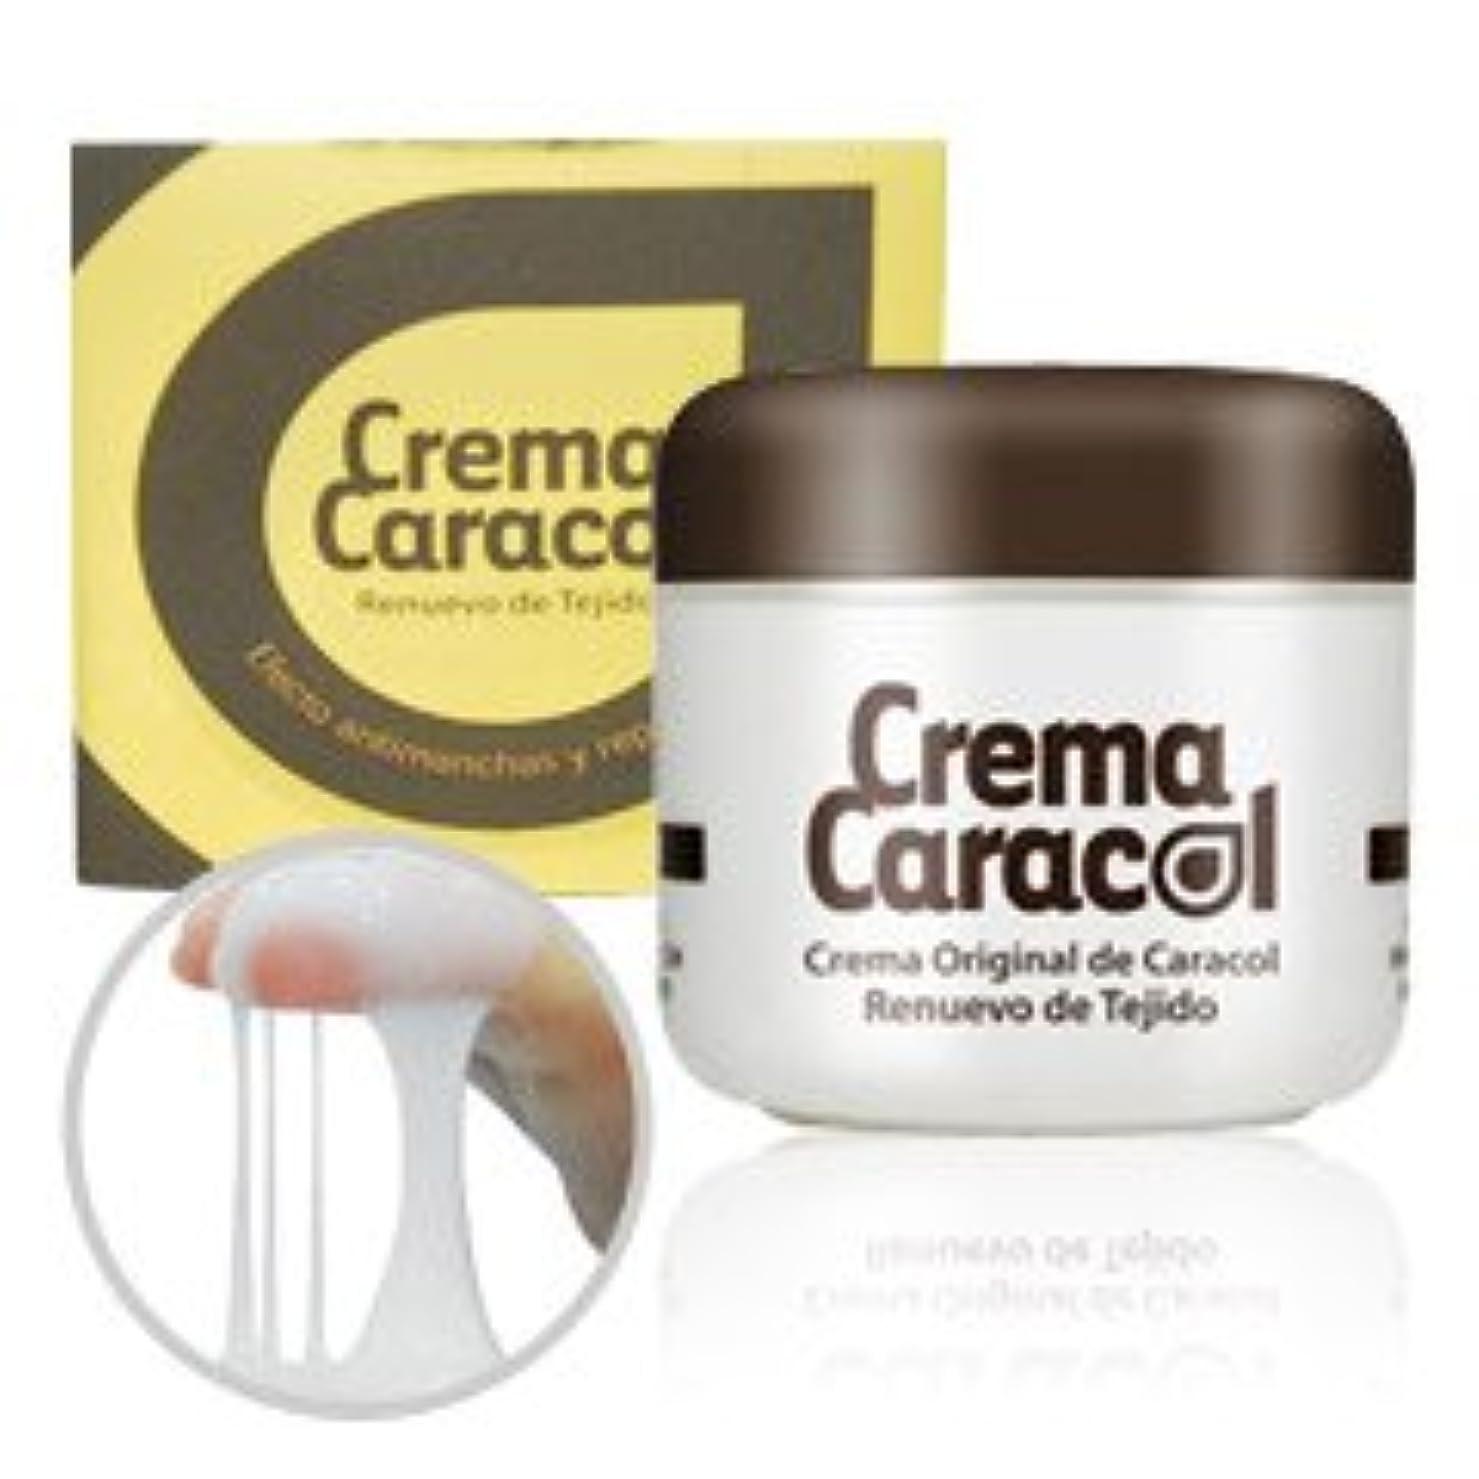 不実貢献意味するcrema caracol(カラコール) かたつむりクリーム 3個セット